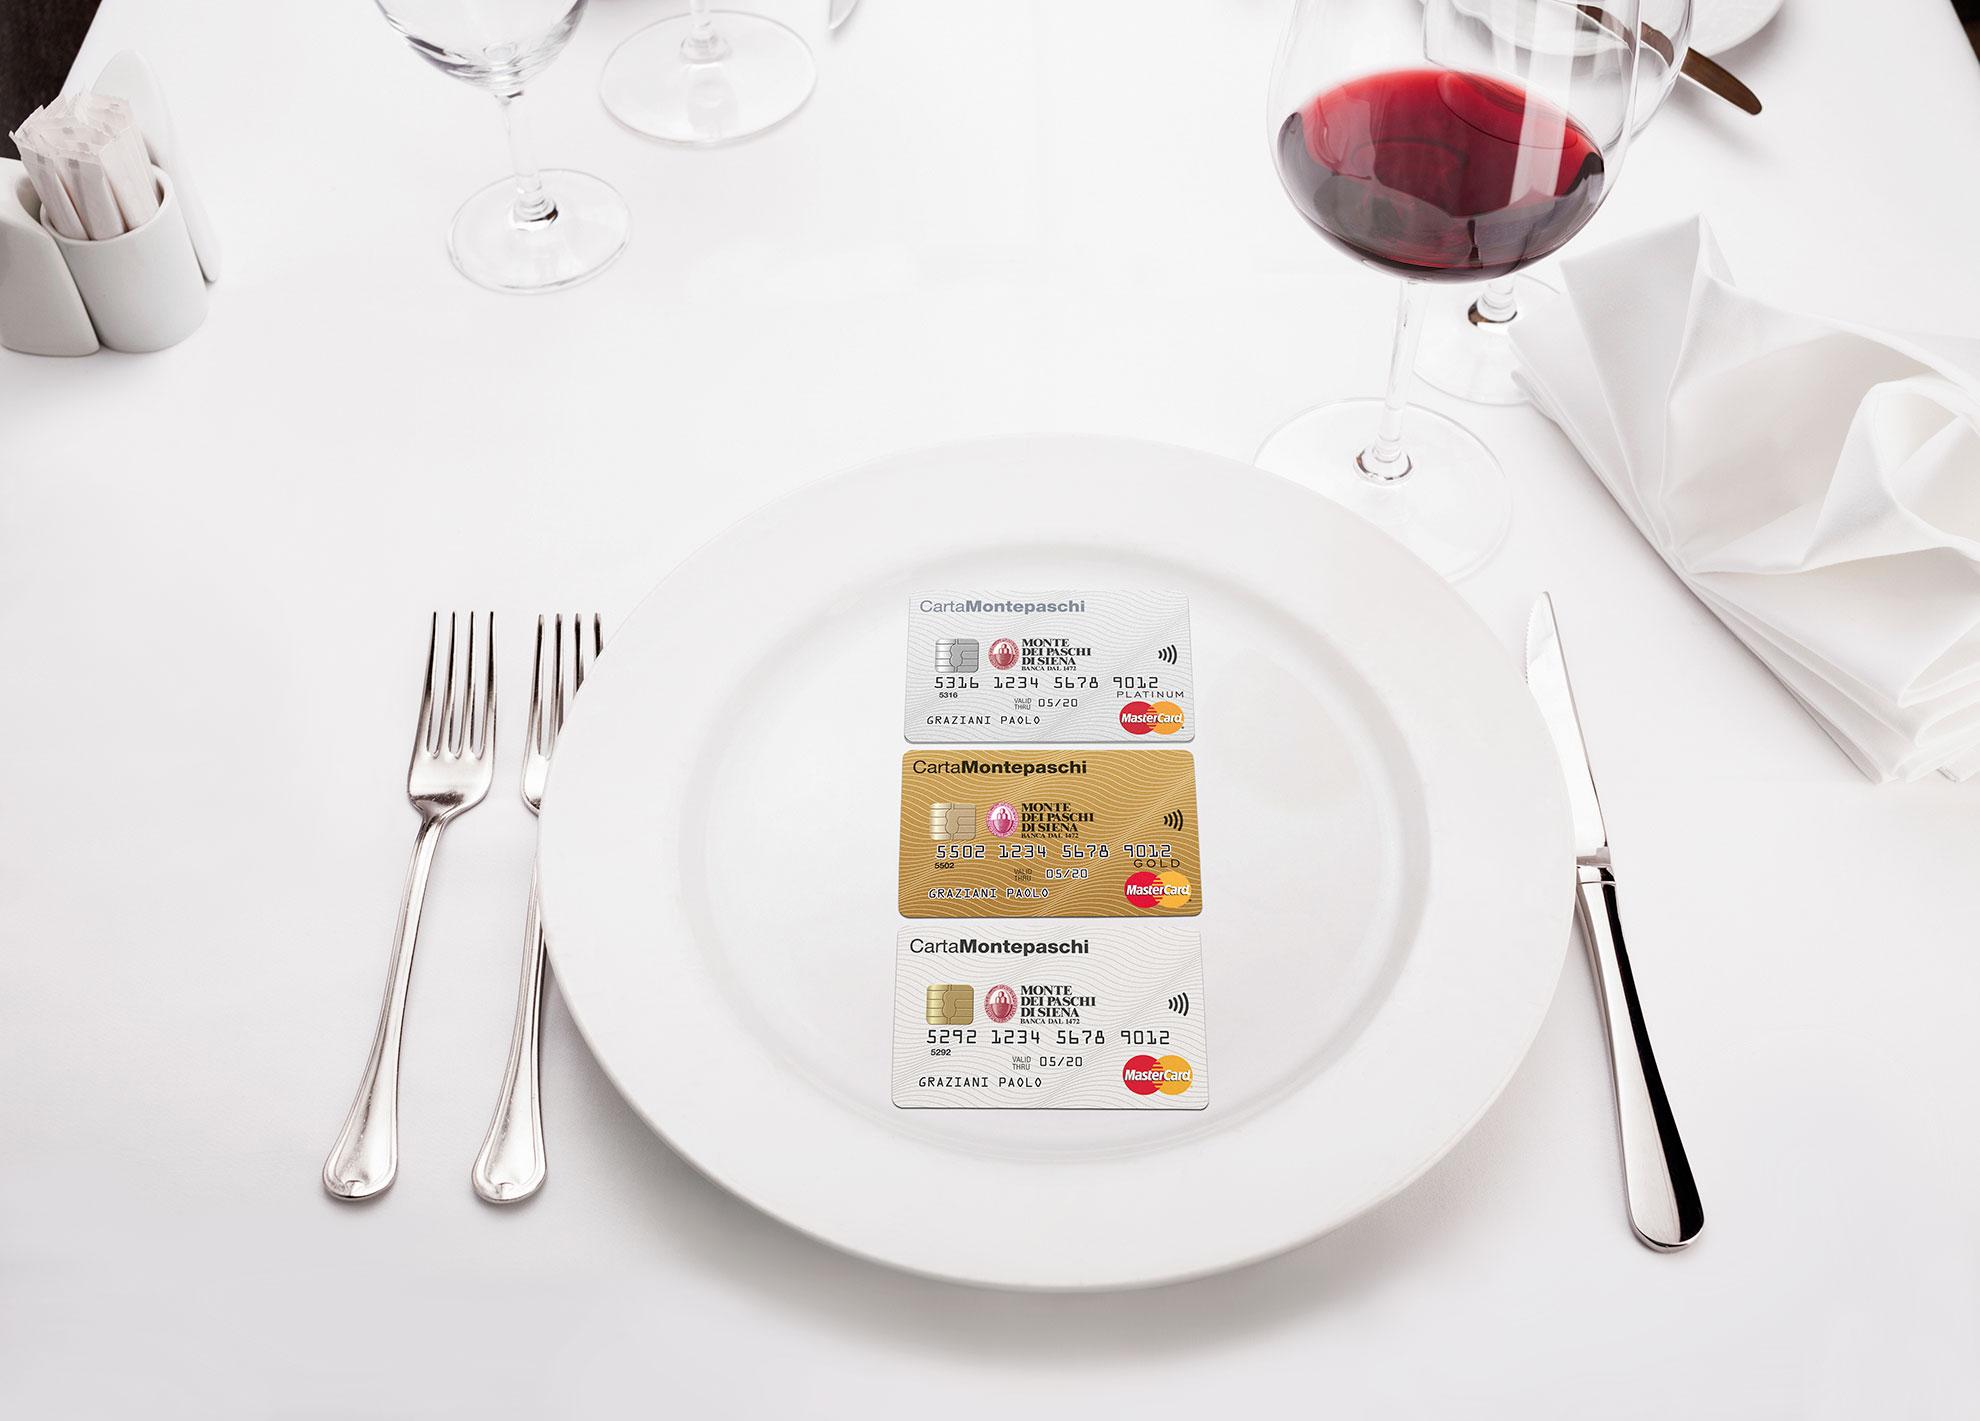 """Concorso """"Le carte in tavola"""": invia la ricevuta e scopri se hai vinto i premi offerti da Monte Paschi di Siena"""